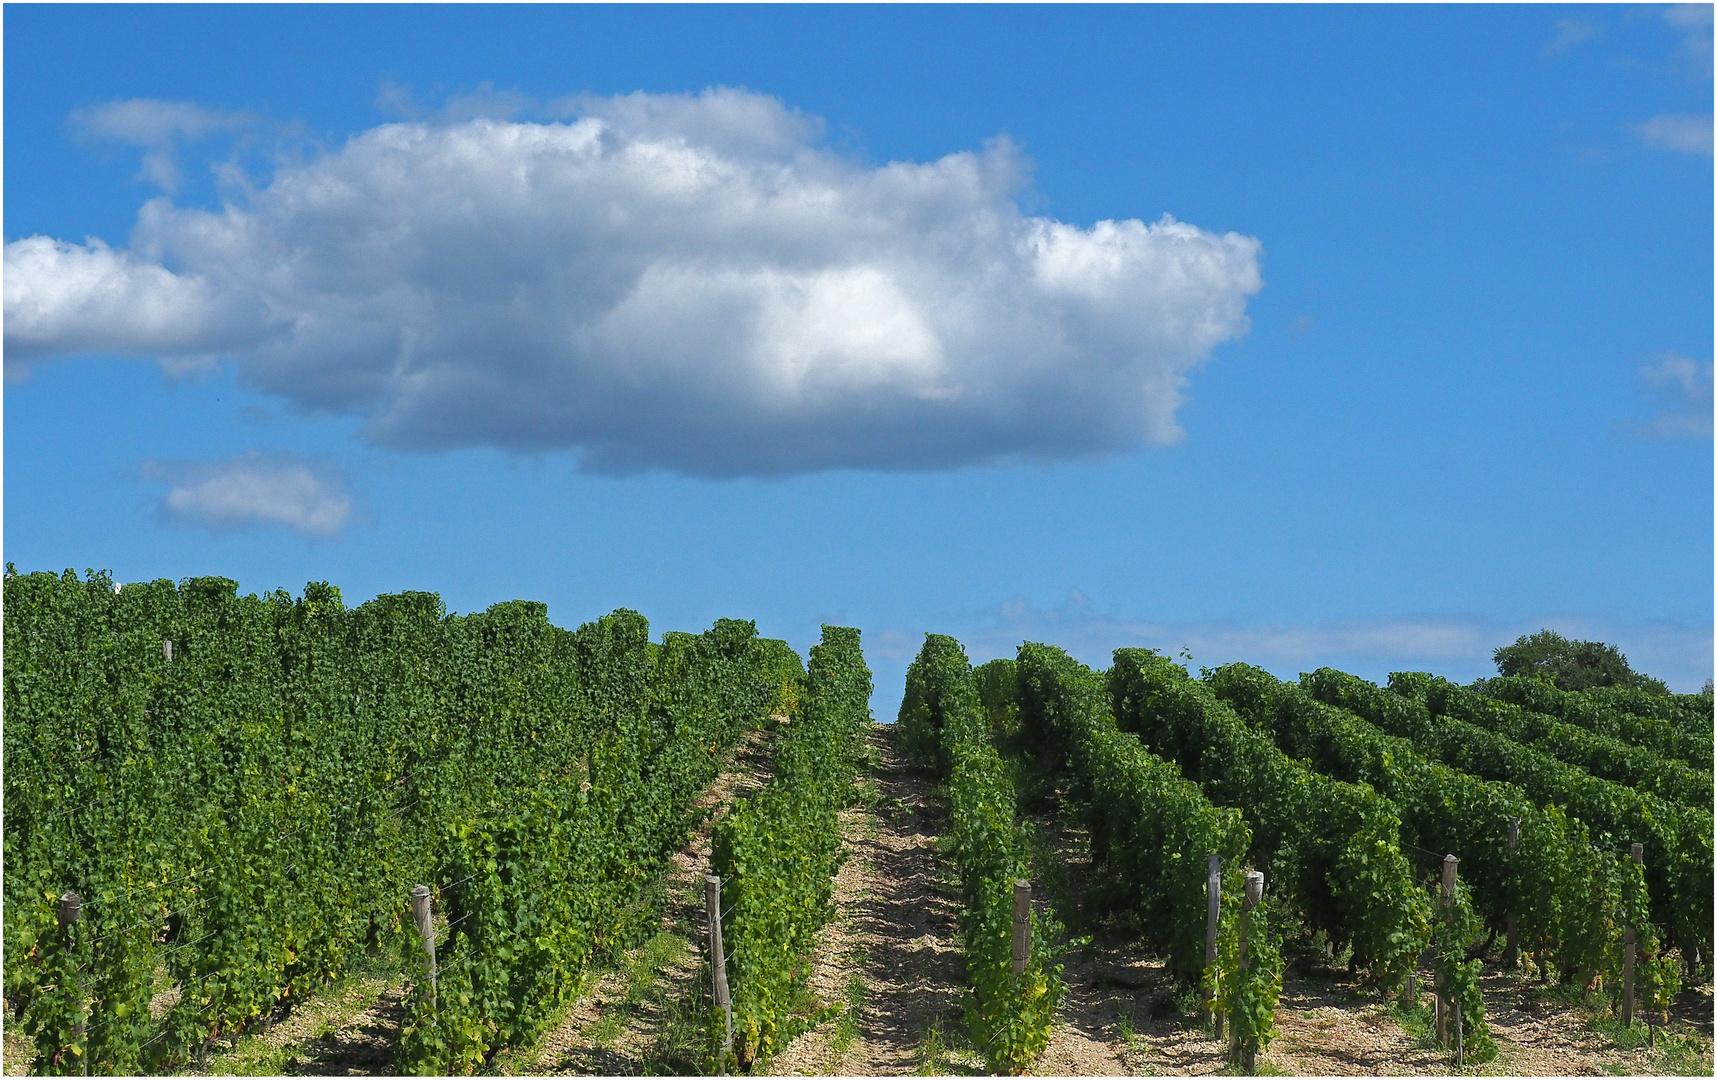 Des vignes prometteuses